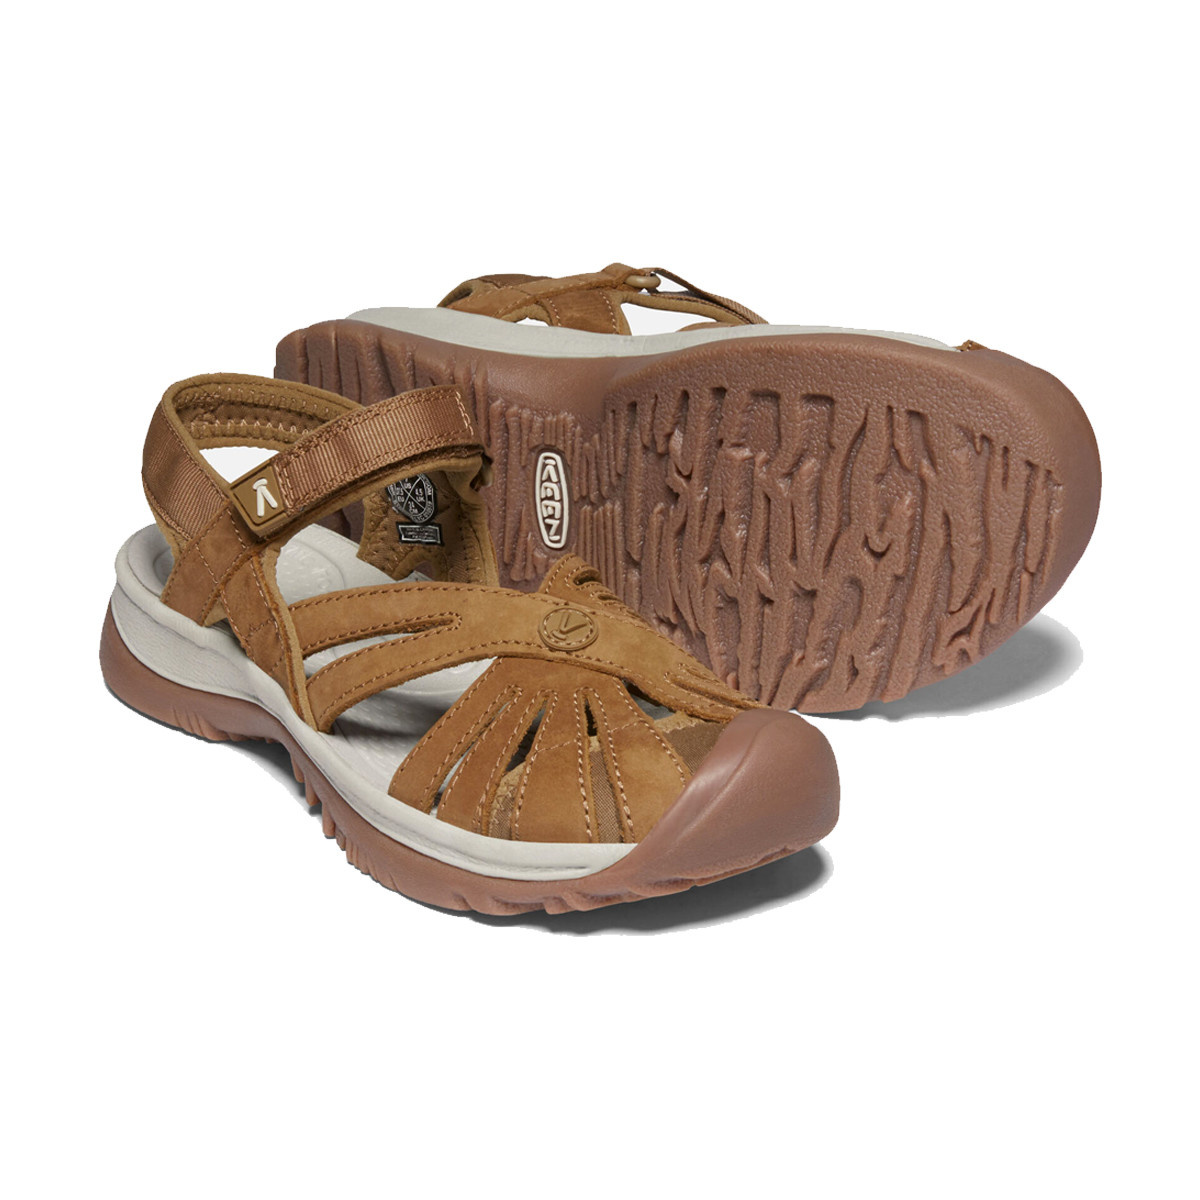 Keen Footwear Keen Women's Rose Leather / Tan